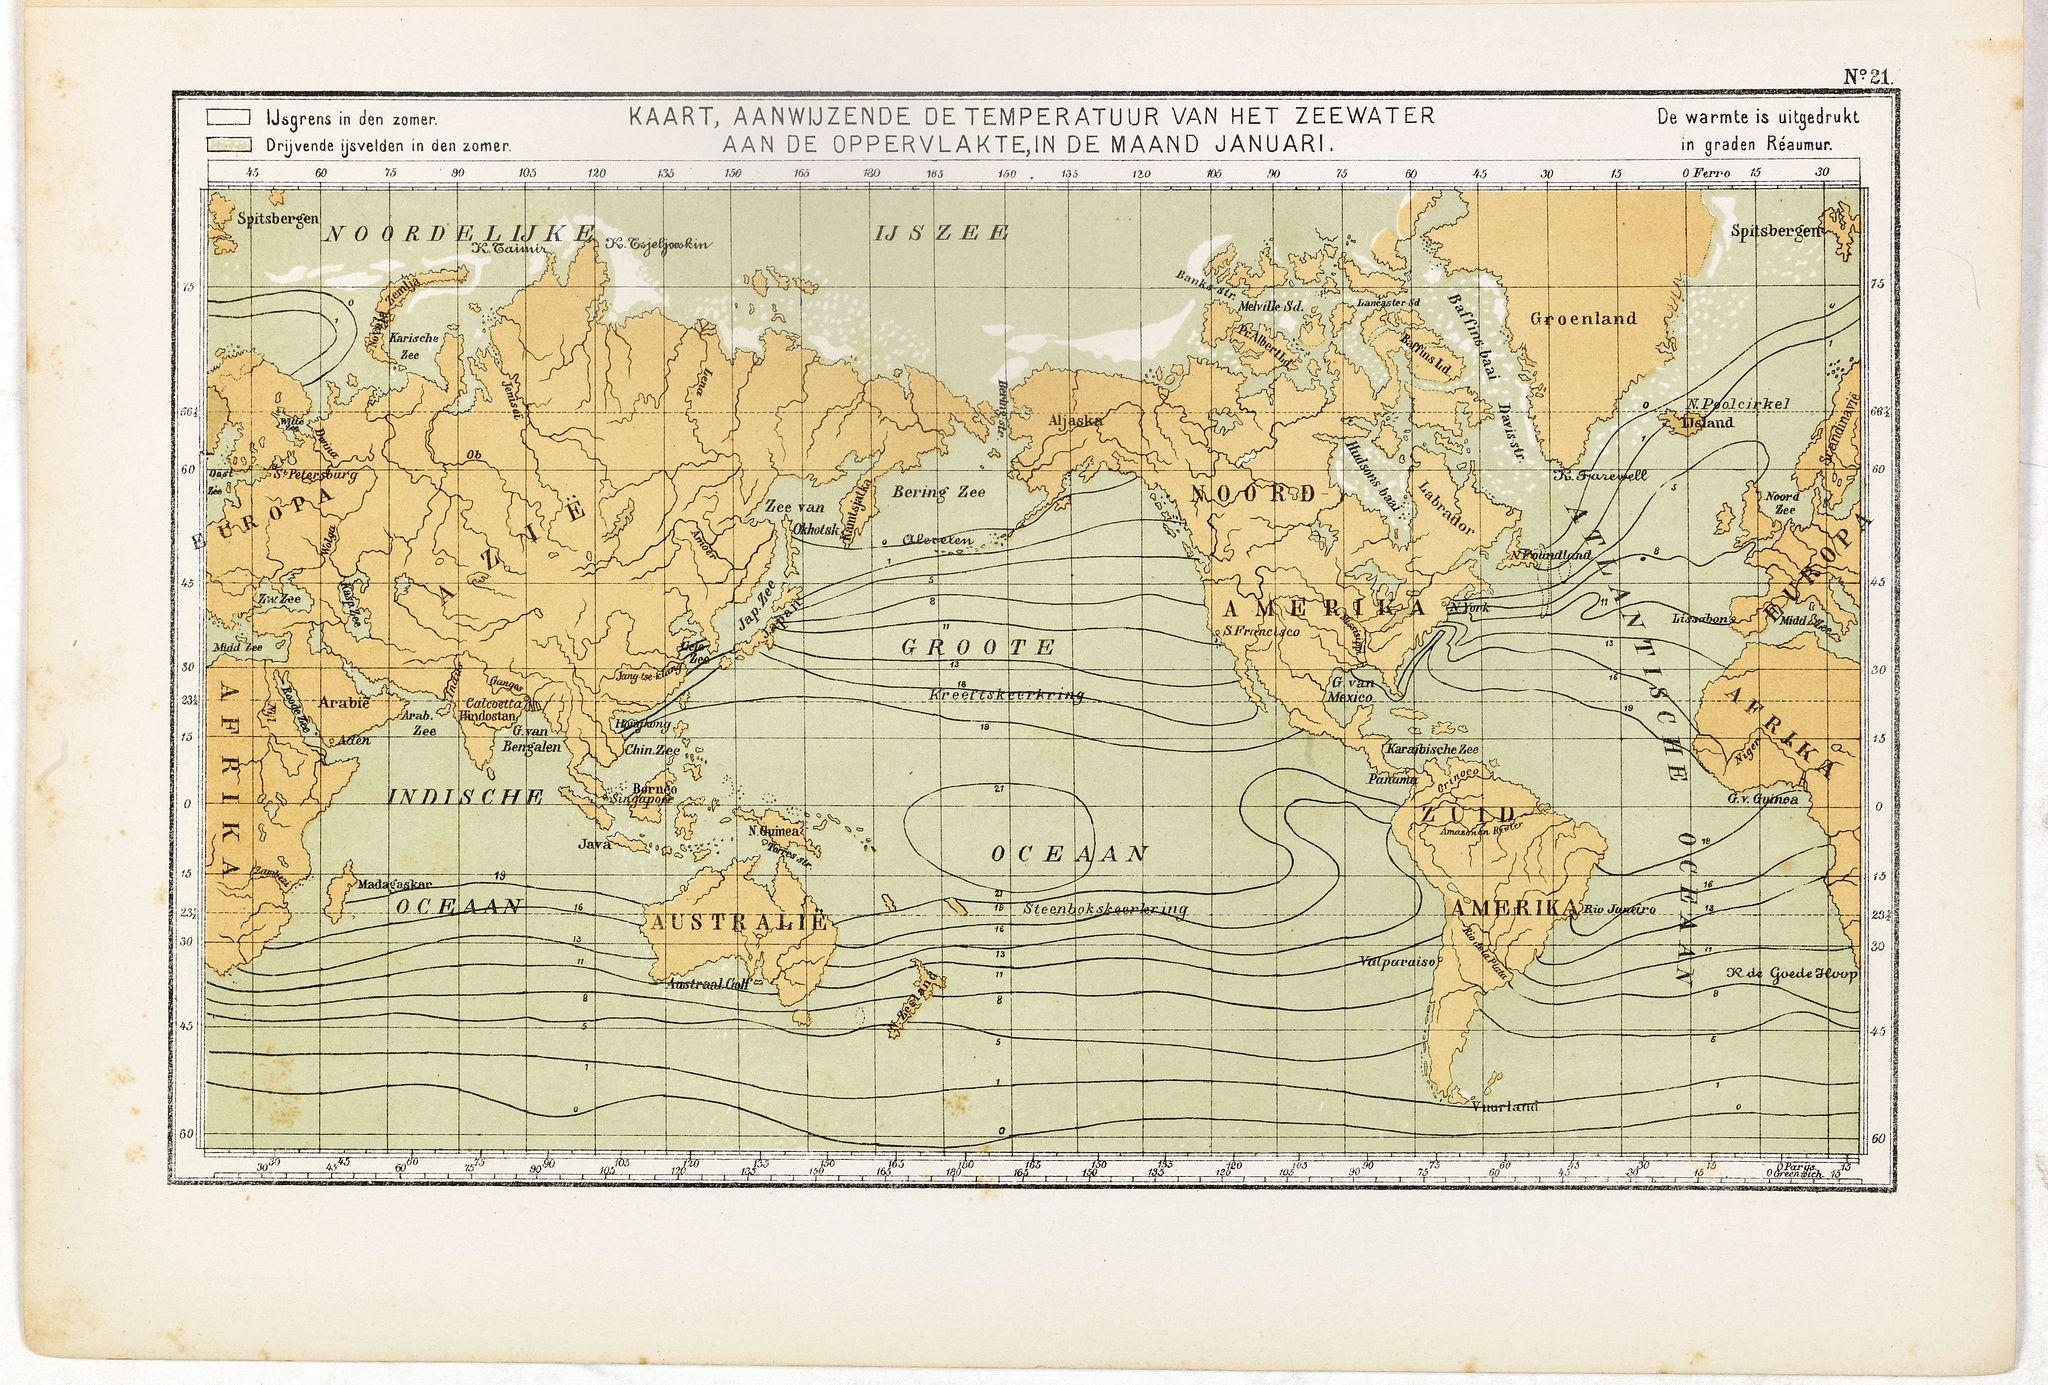 POSTHUMUS, N.W. -  Kaart, Aanwujzende de temperatuur van het zeewater aan de oppervlakte, in de maand Januari.